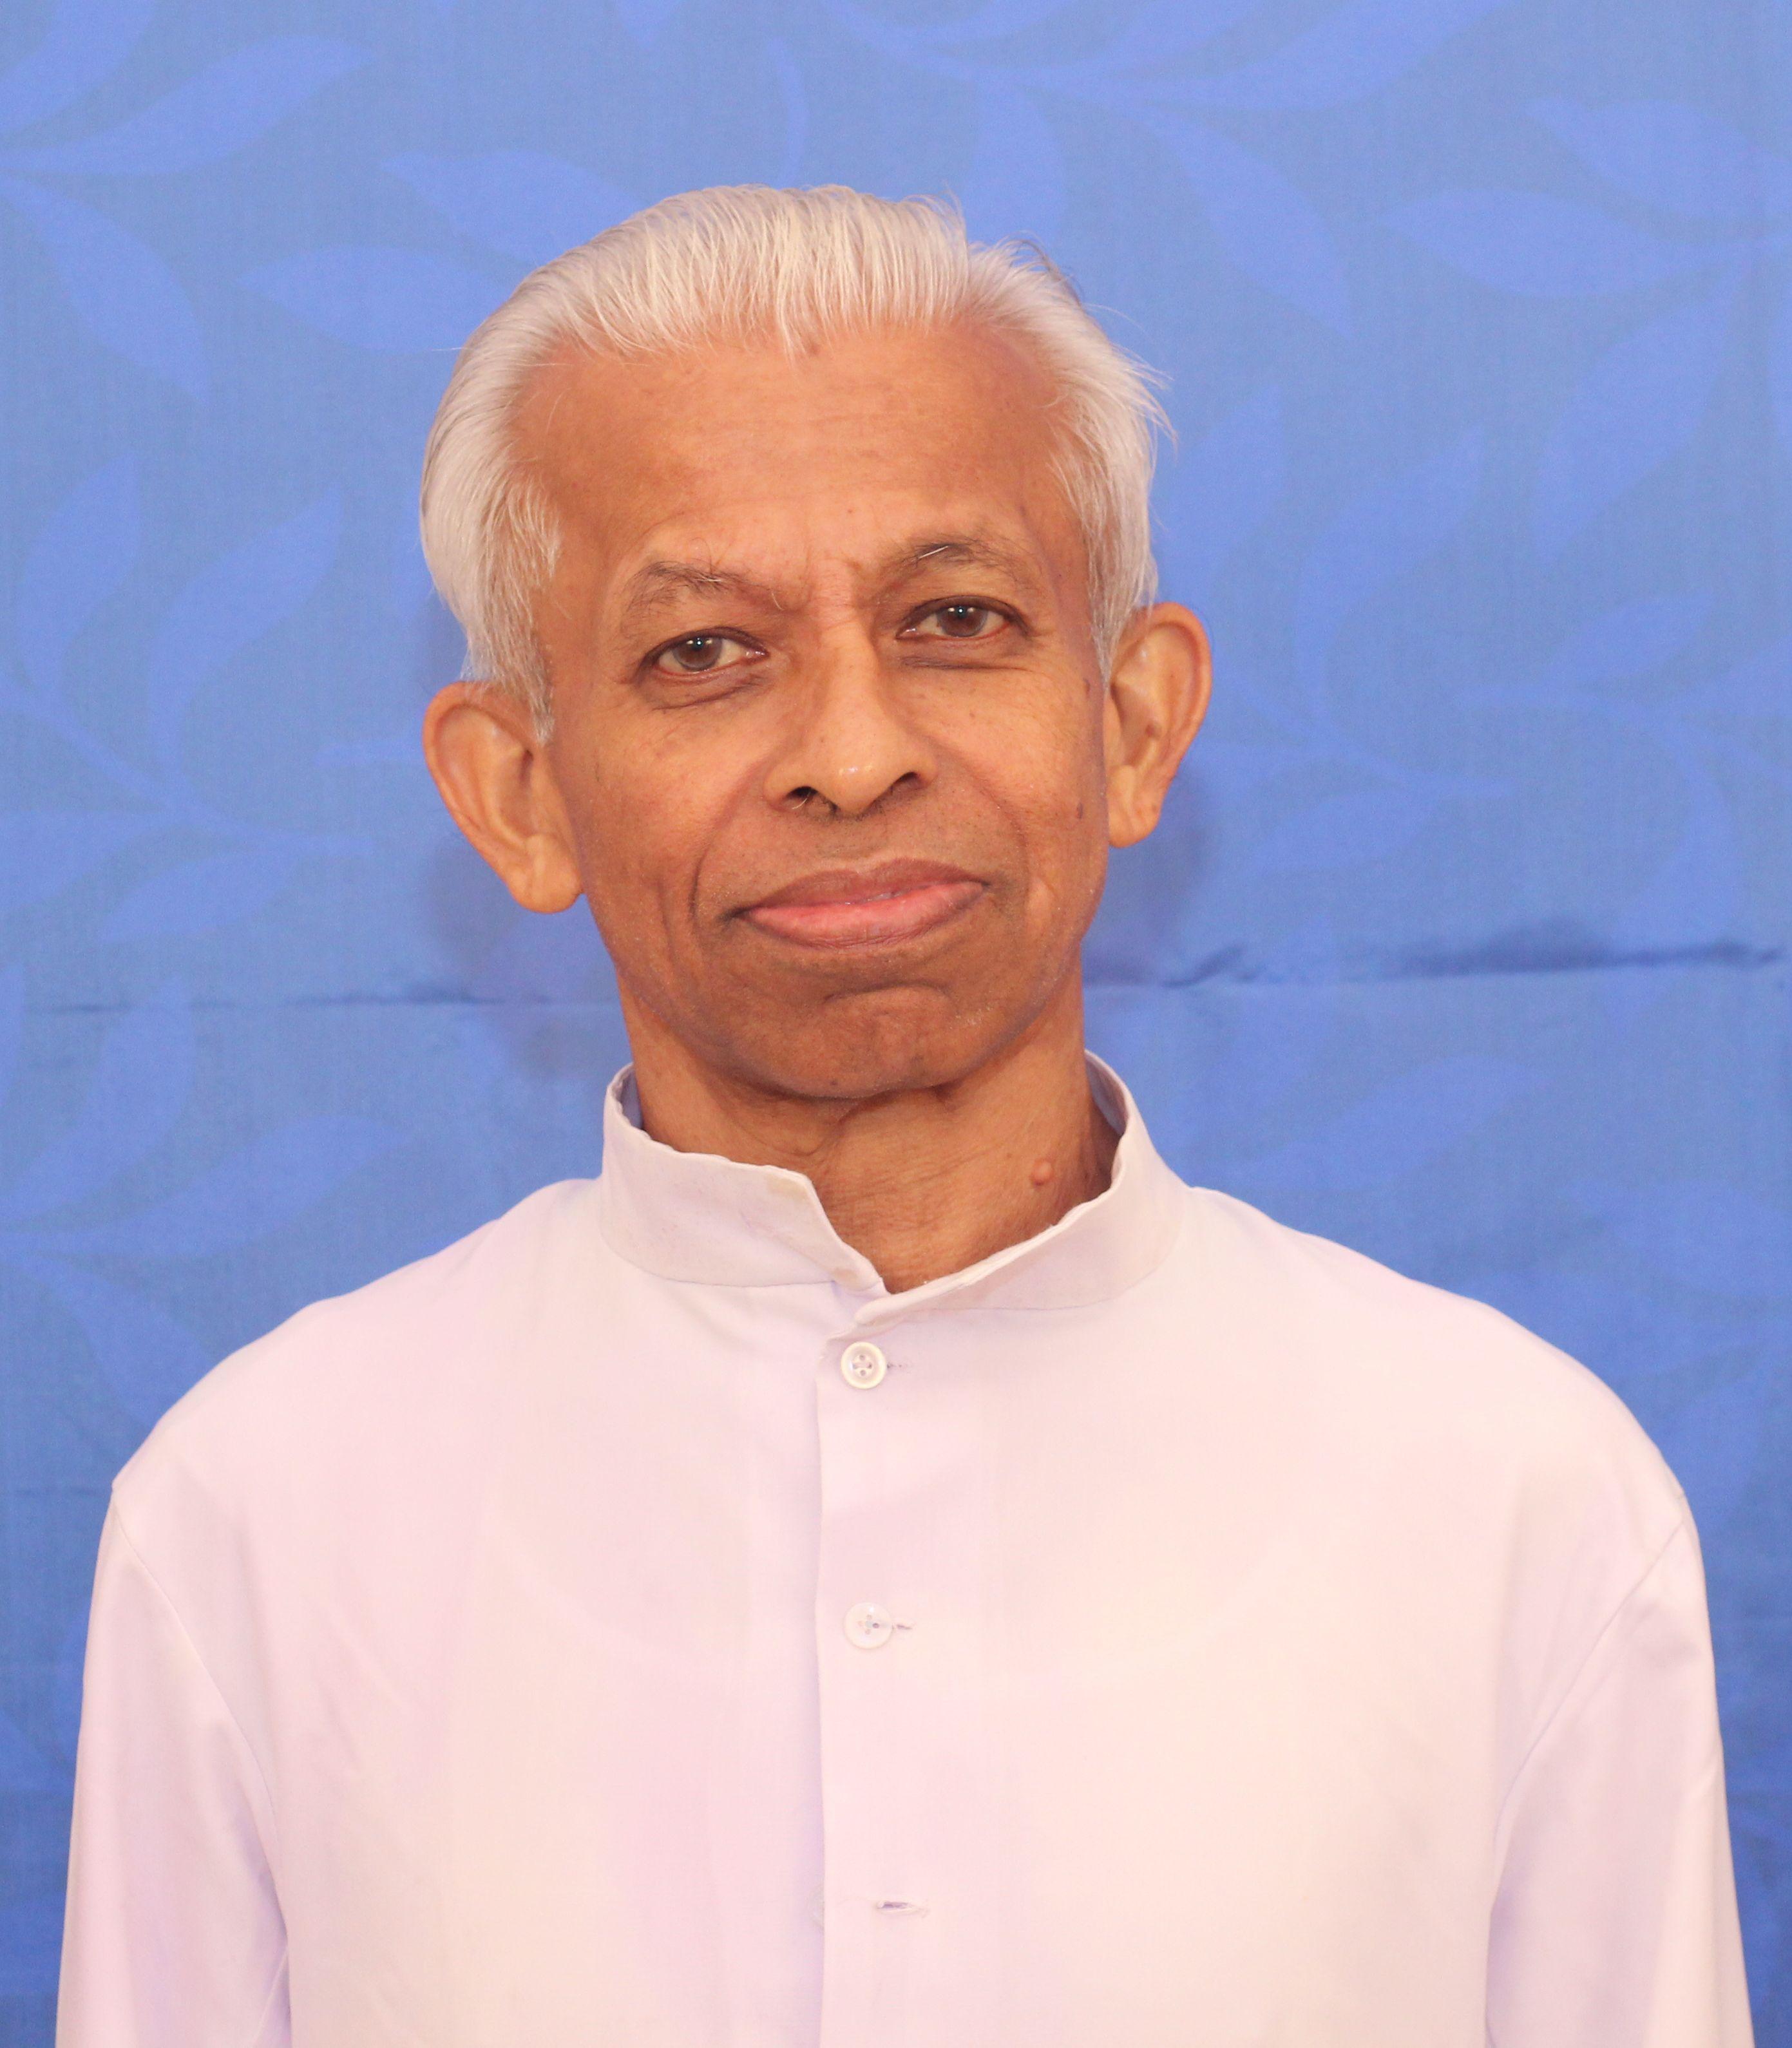 Sebastian (Devasiachan) Koipuram